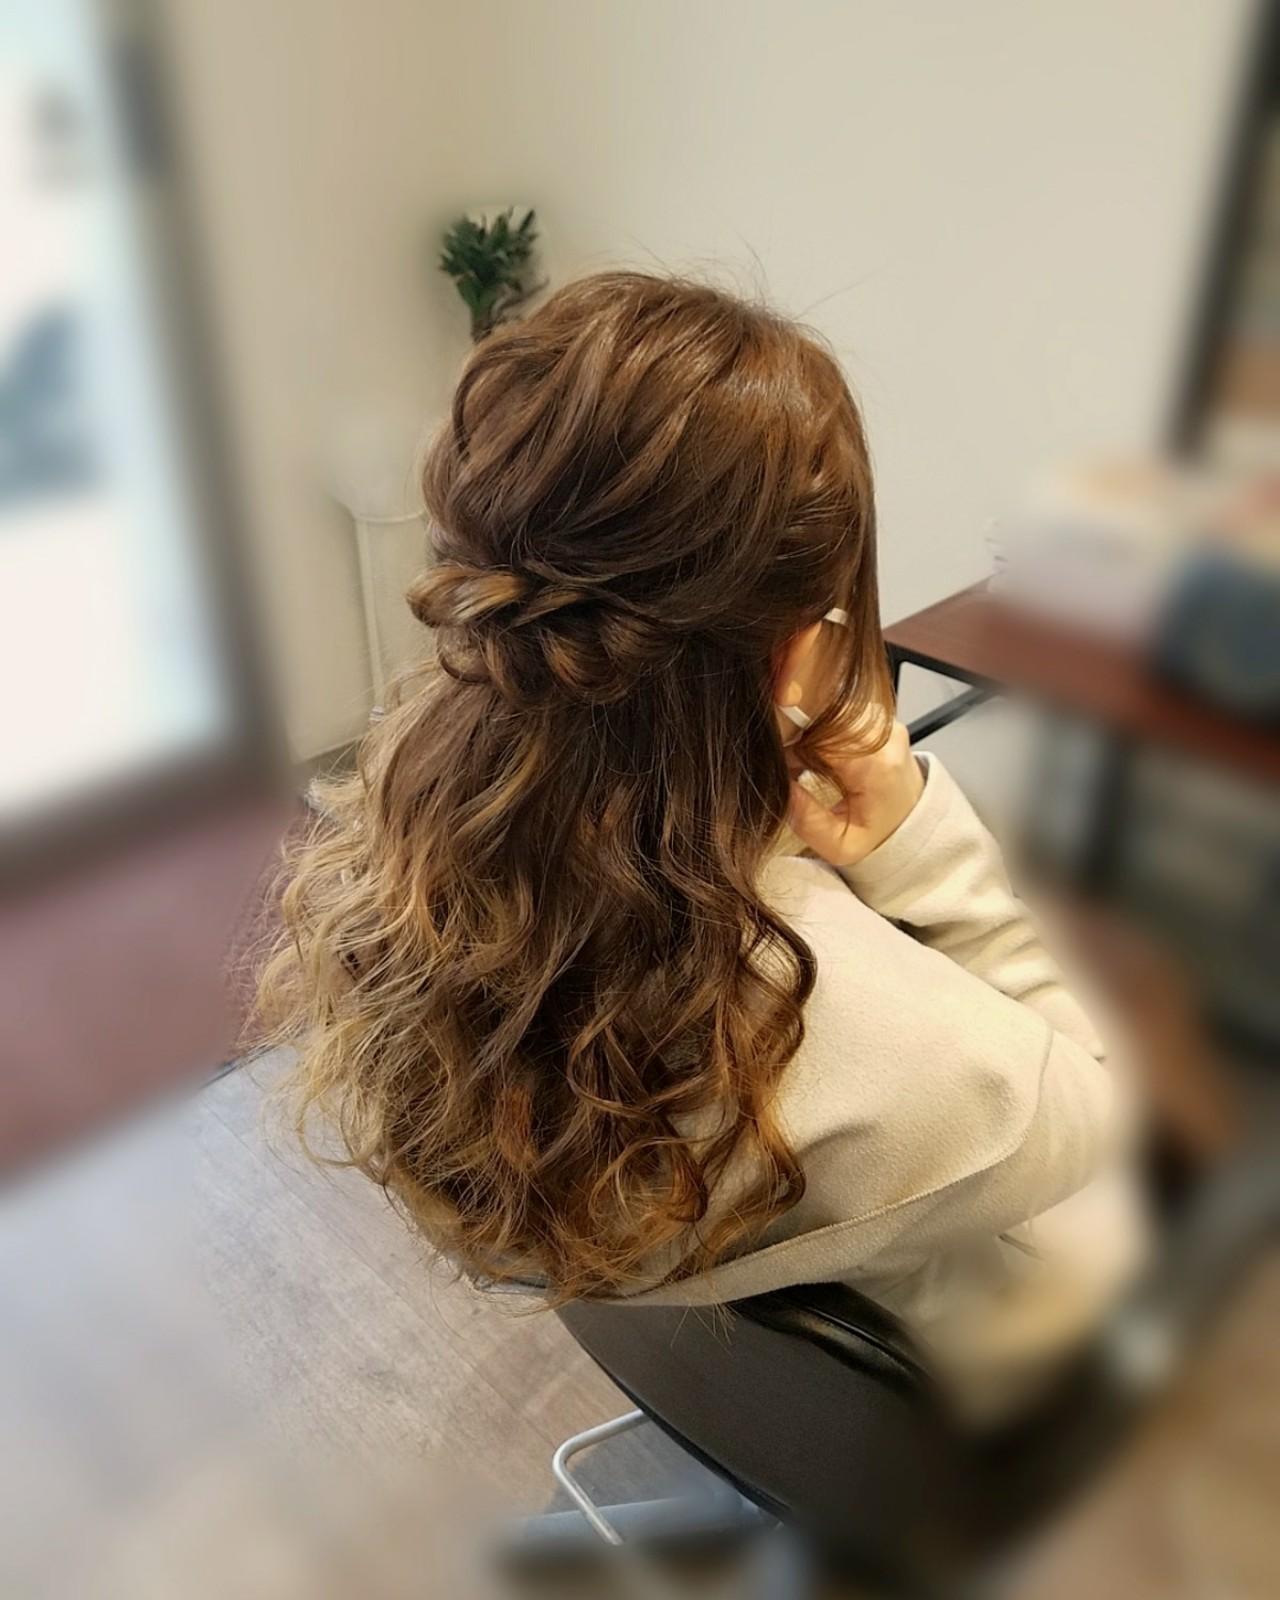 ナチュラル ヘアアレンジ セミロング ハーフアップ ヘアスタイルや髪型の写真・画像 | mai / HAIR SALON STELLA